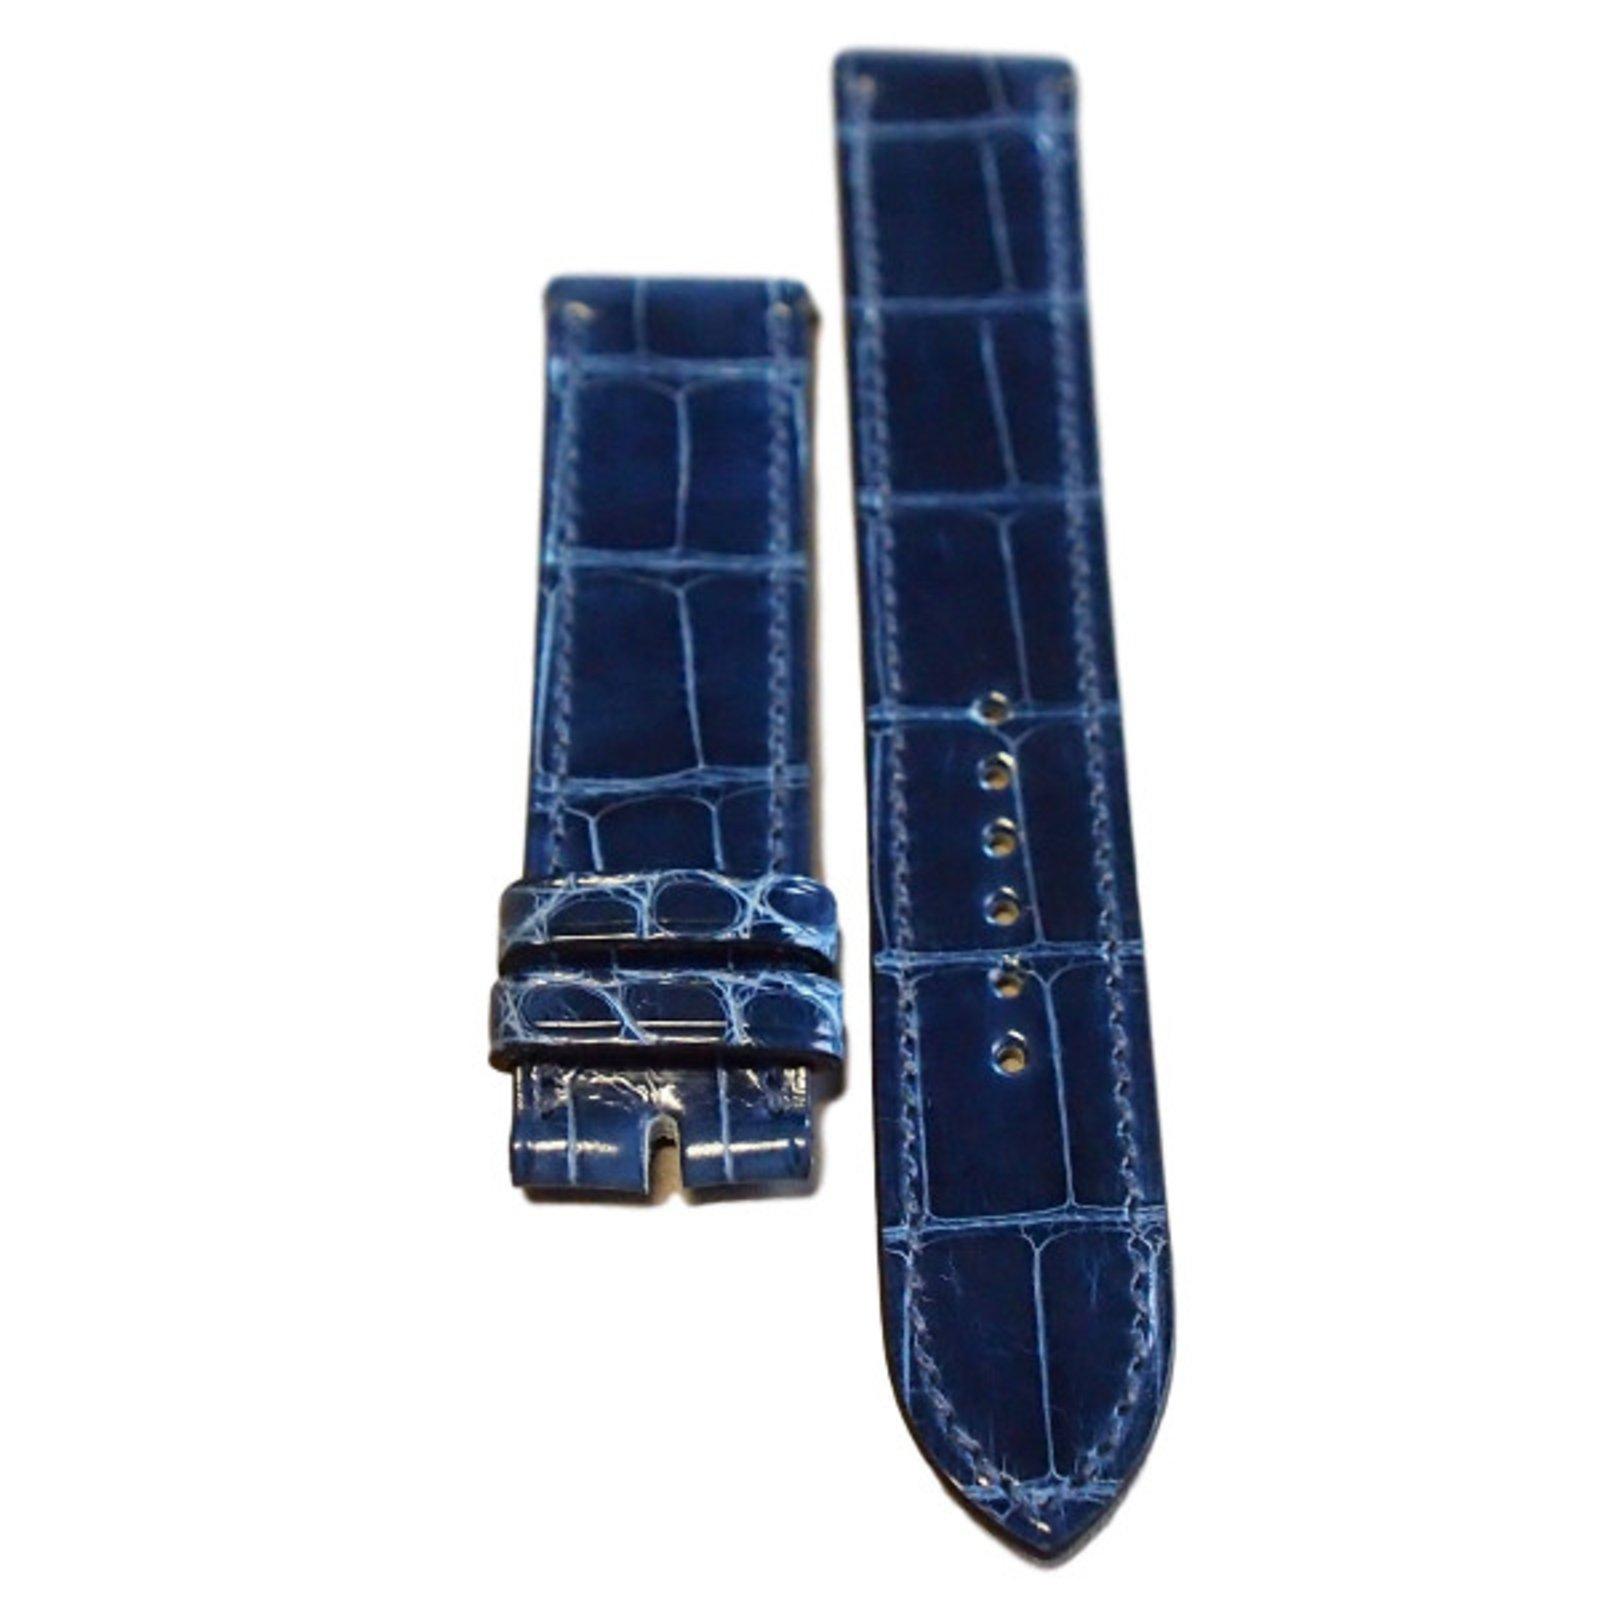 nouveau produit 8e13f 704e7 Bracelet alligator pour montre Hermès